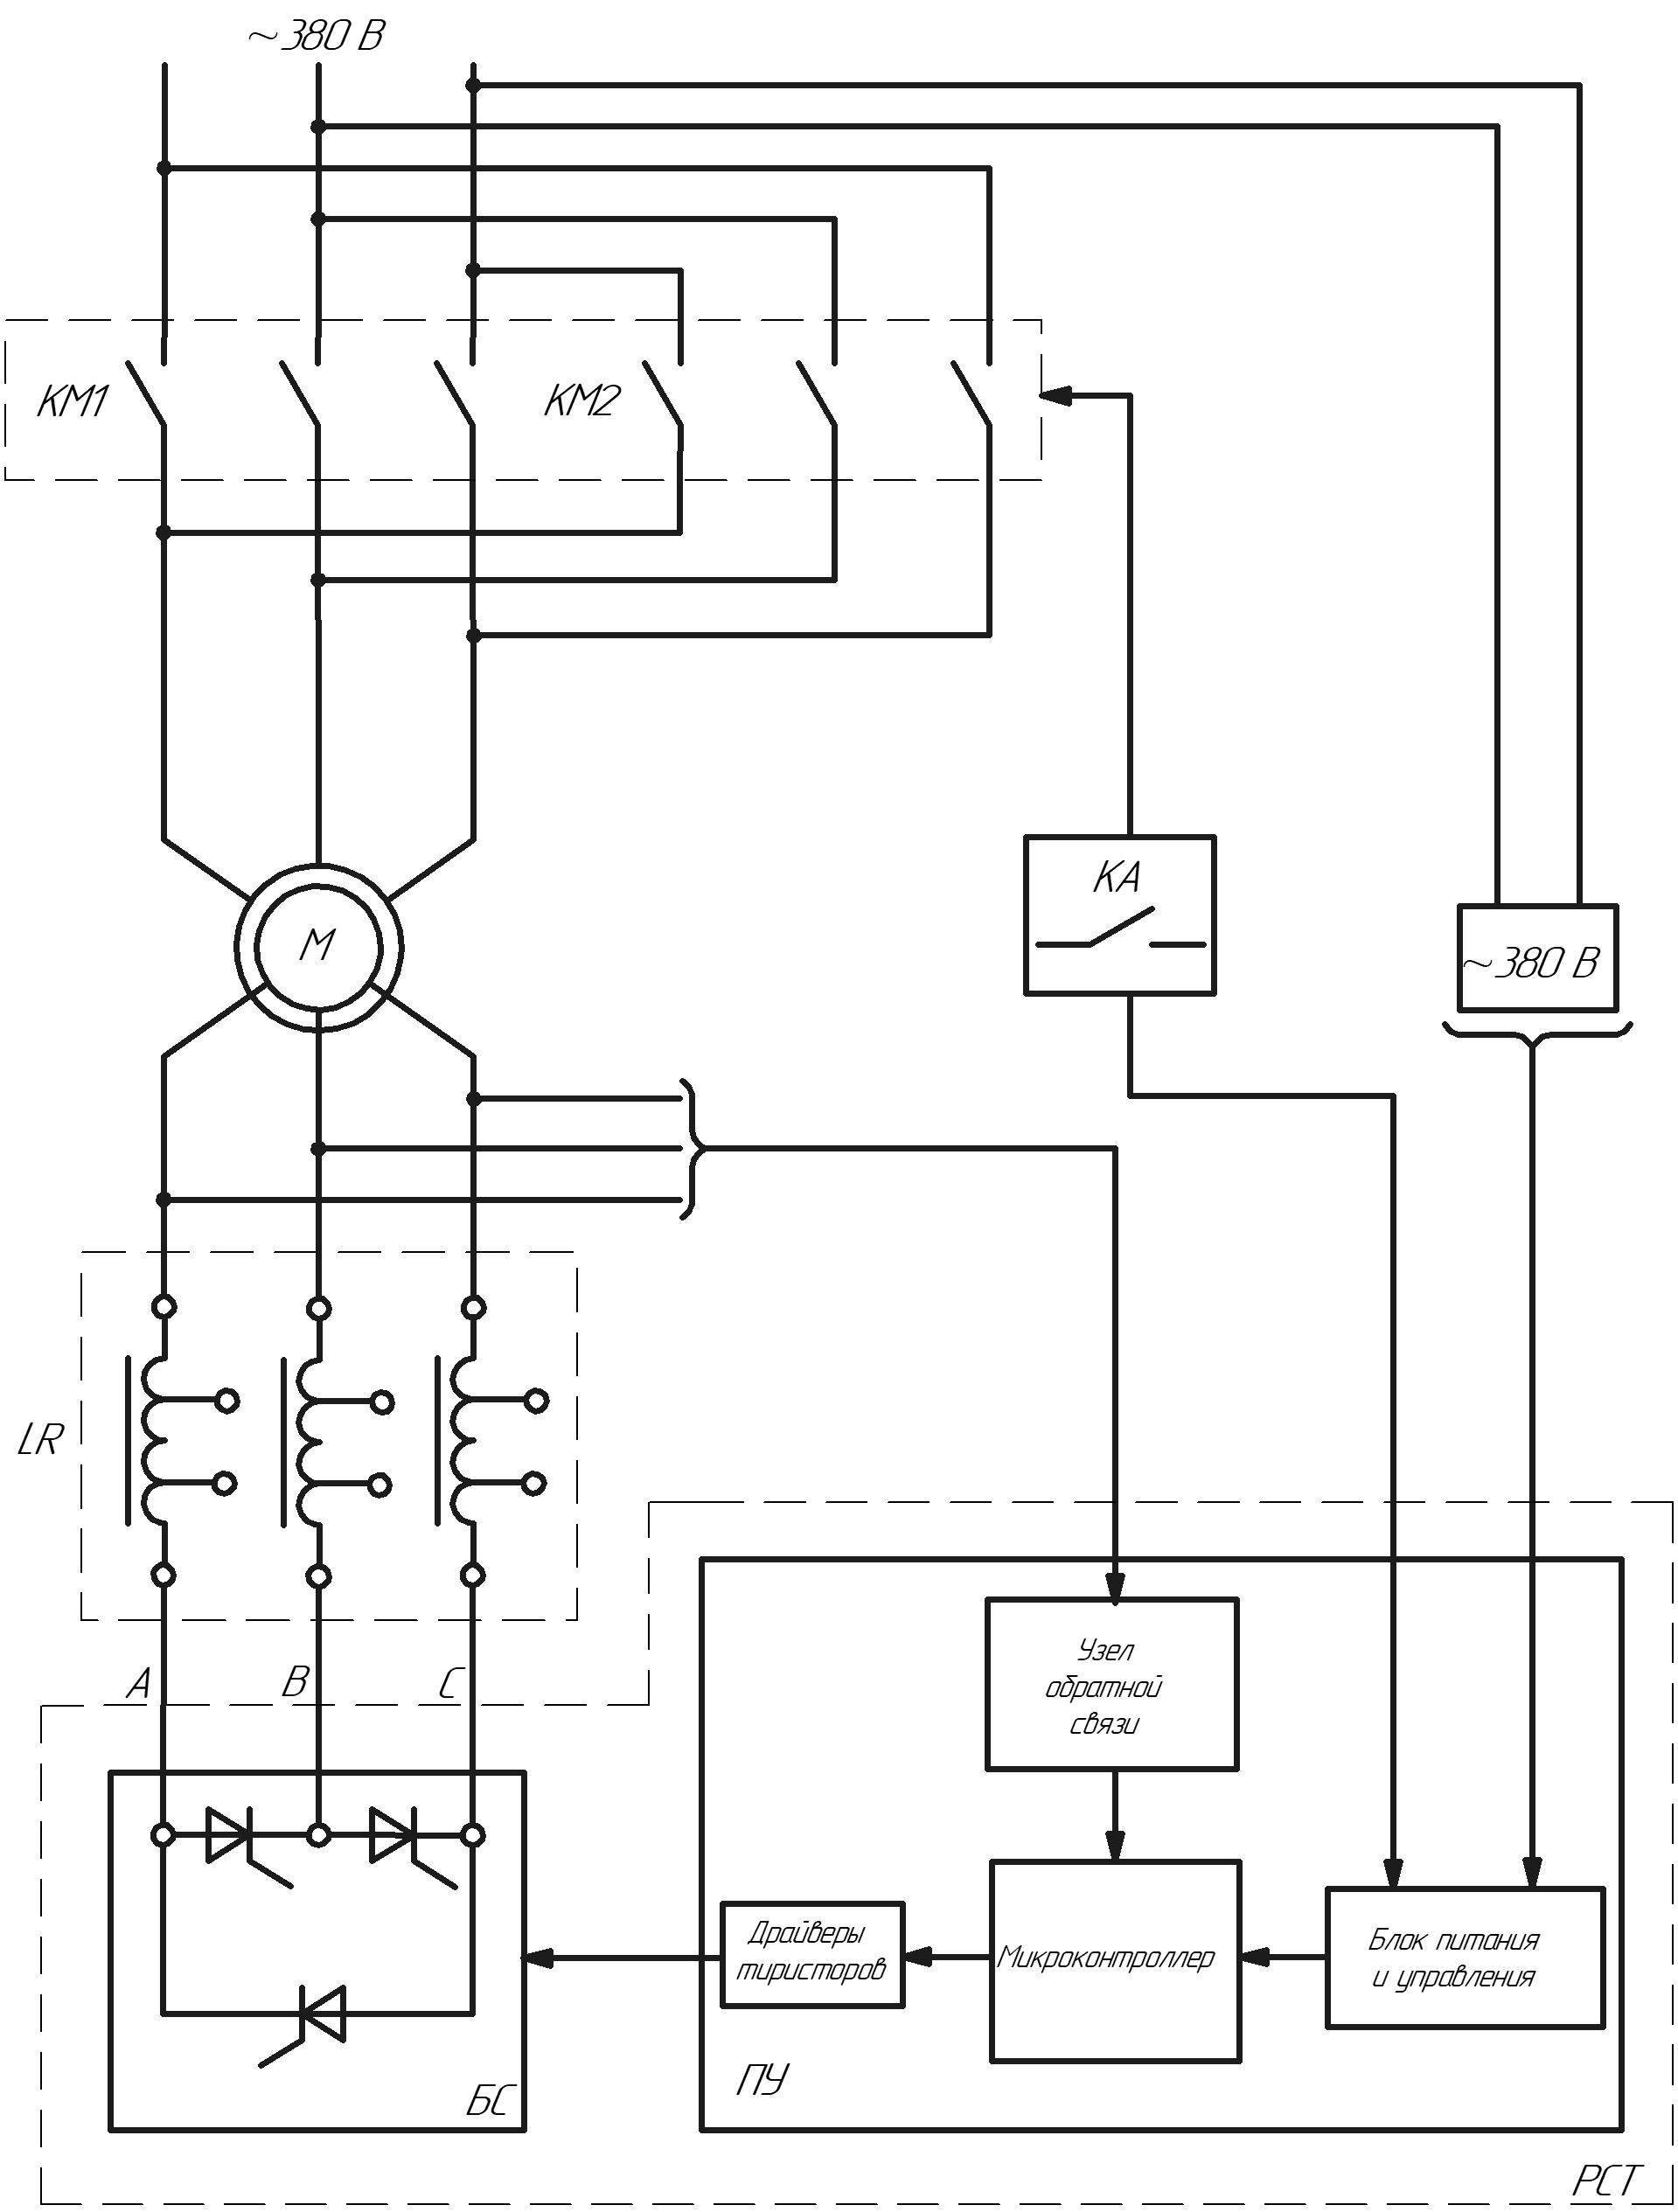 Схема функциональная дроссельного электропривода с тиристорным регулятором скорости РСТ20